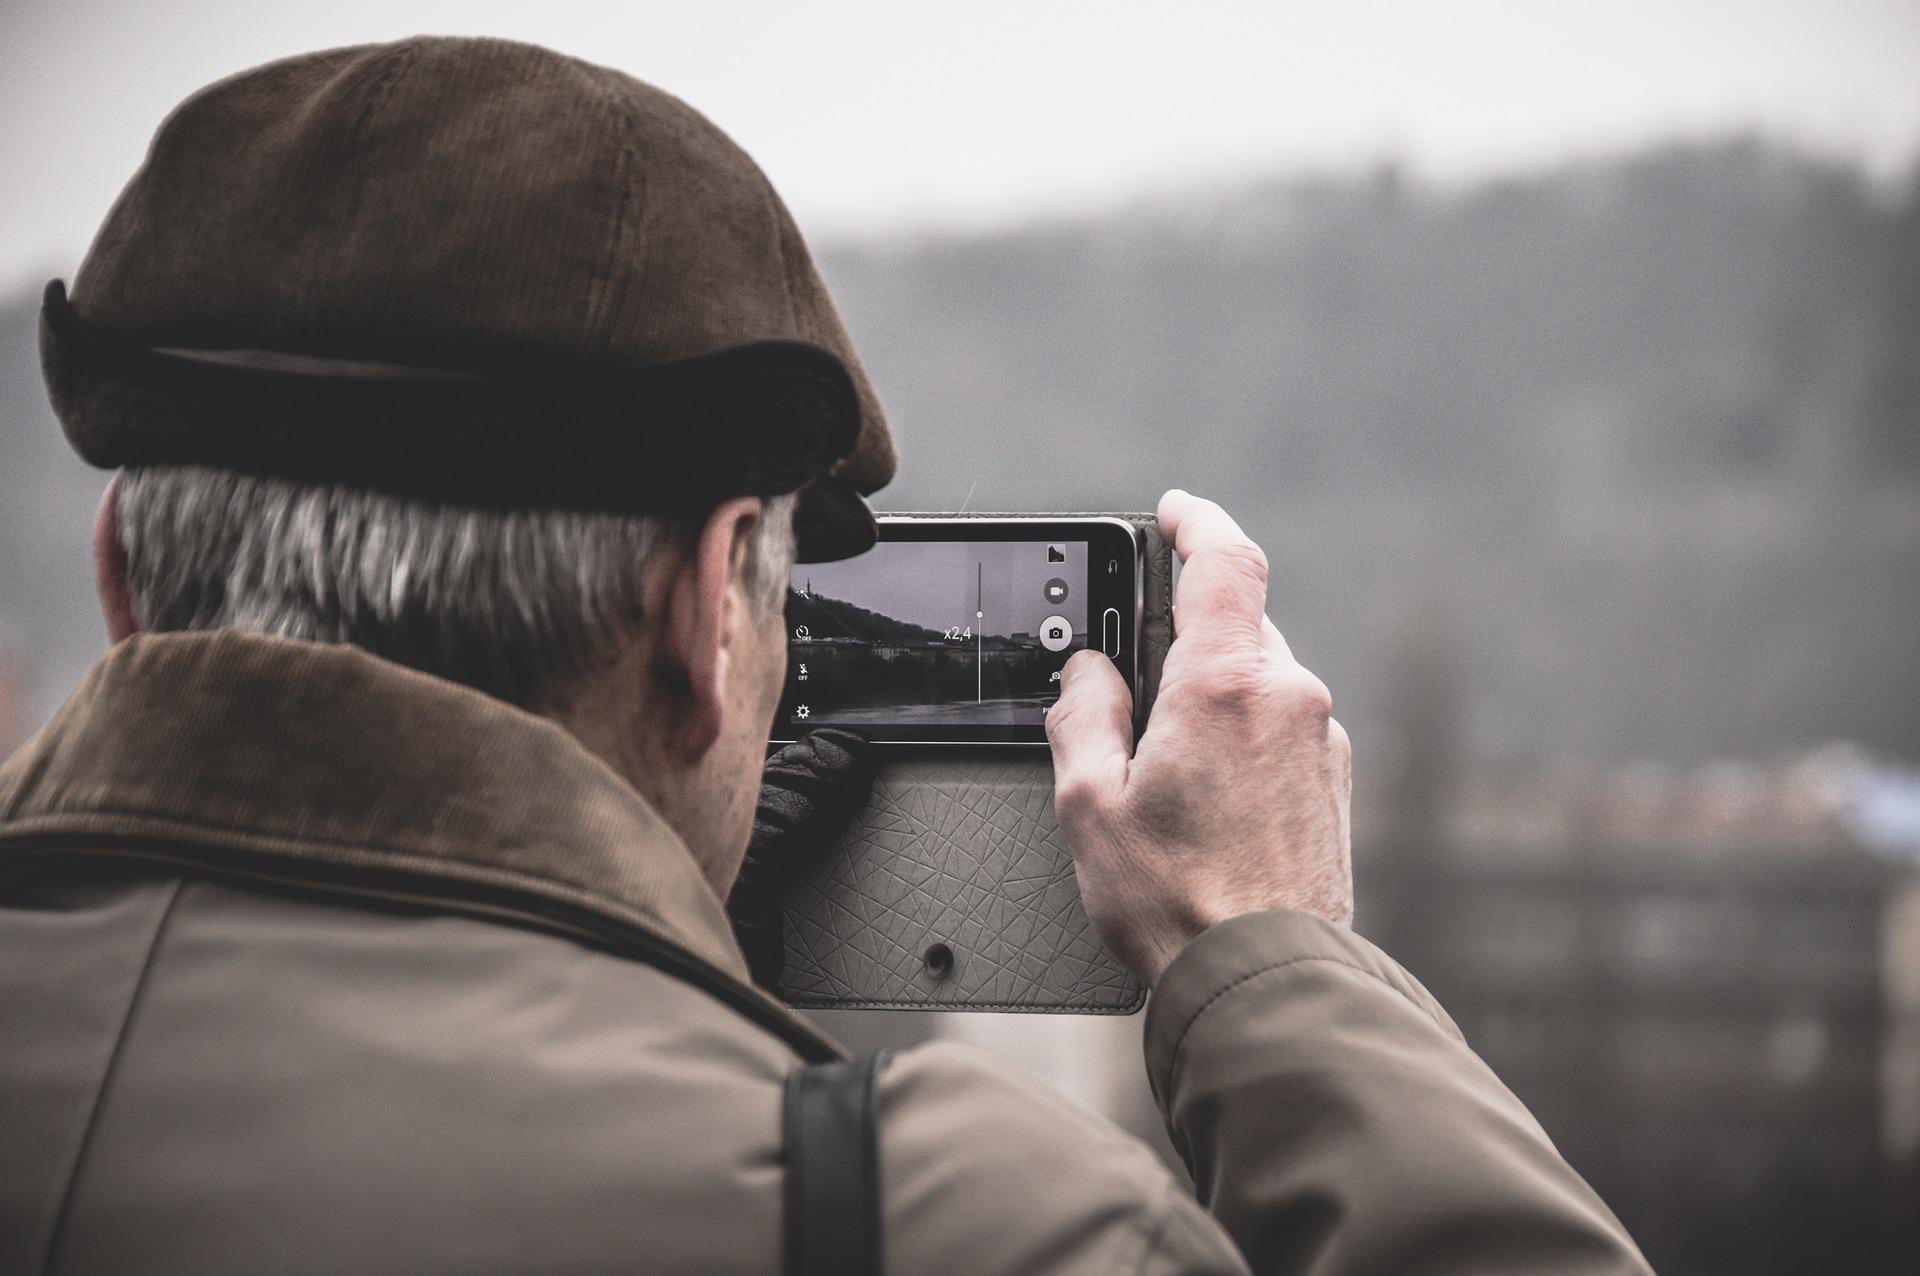 persona mayor haciendo fotografía con smartphone